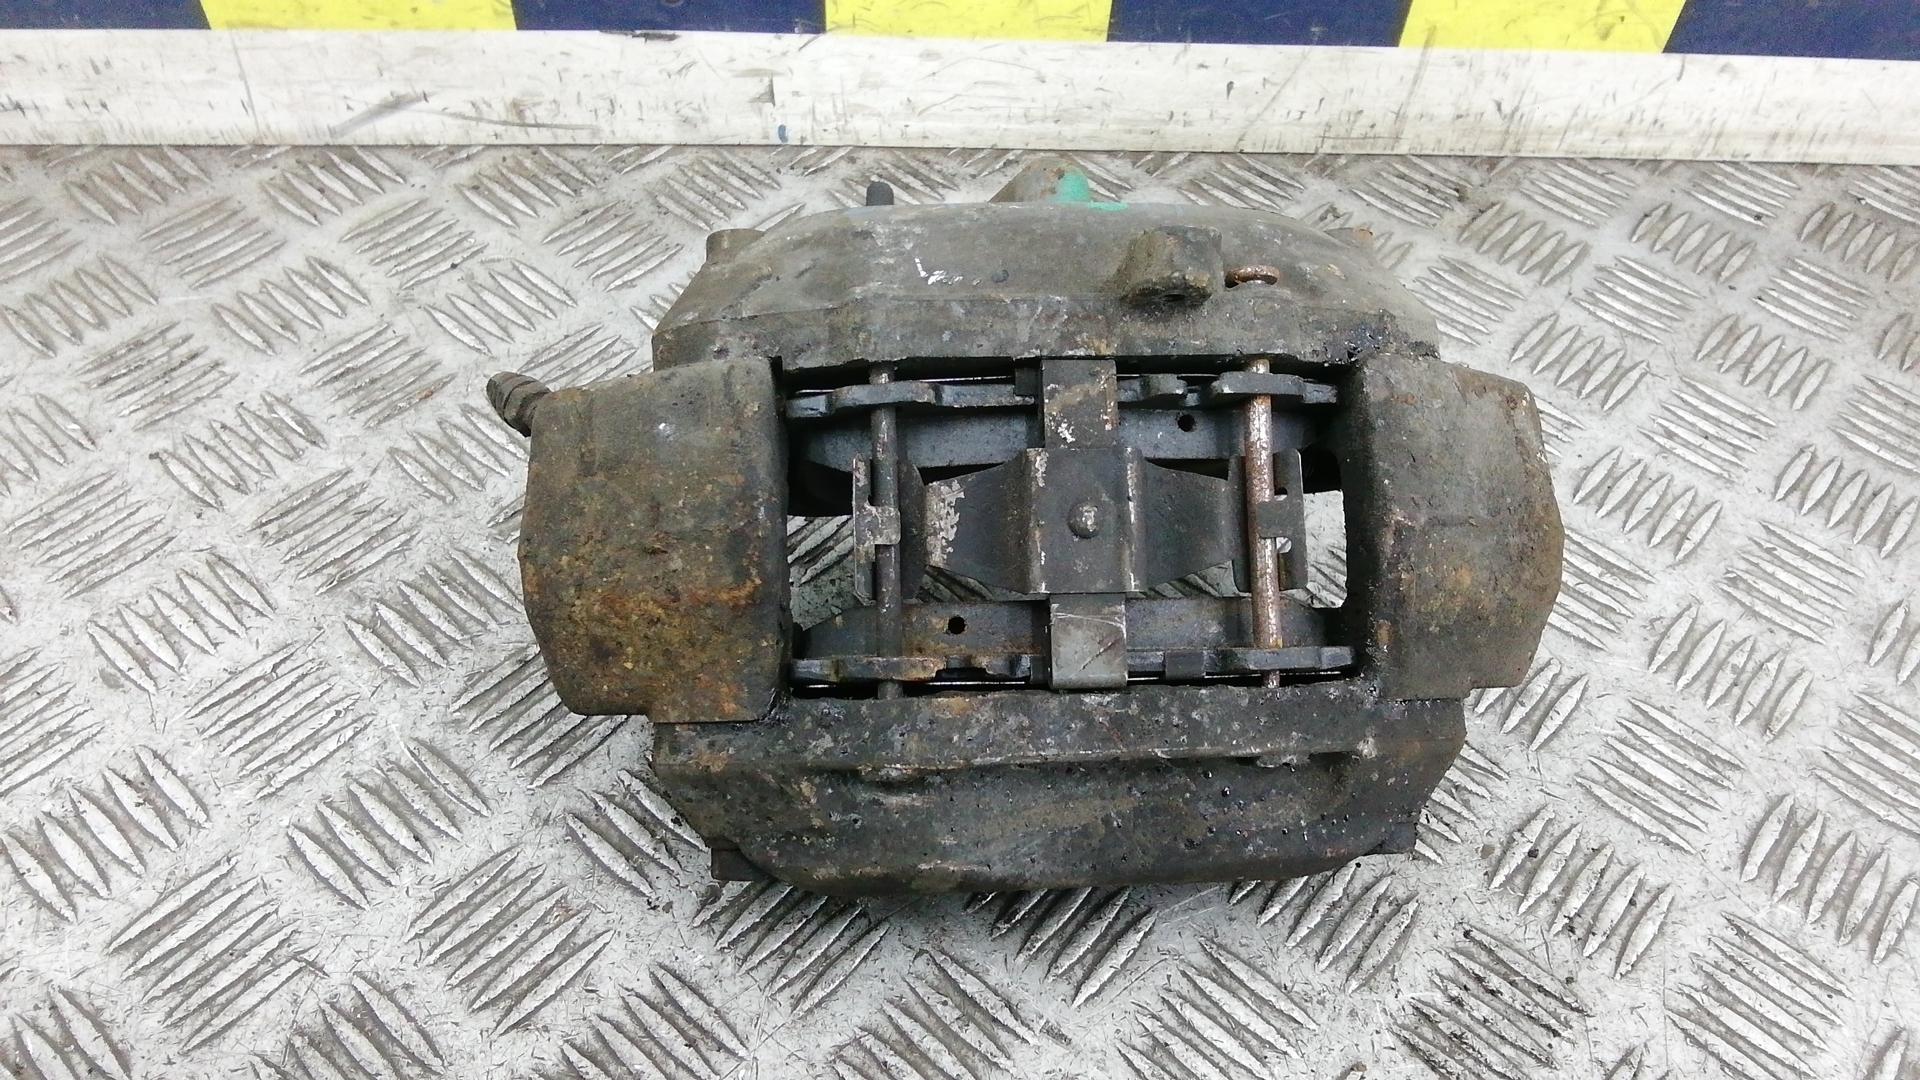 Суппорт тормозной передний левый, MERCEDES BENZ, CLS C219, 2005